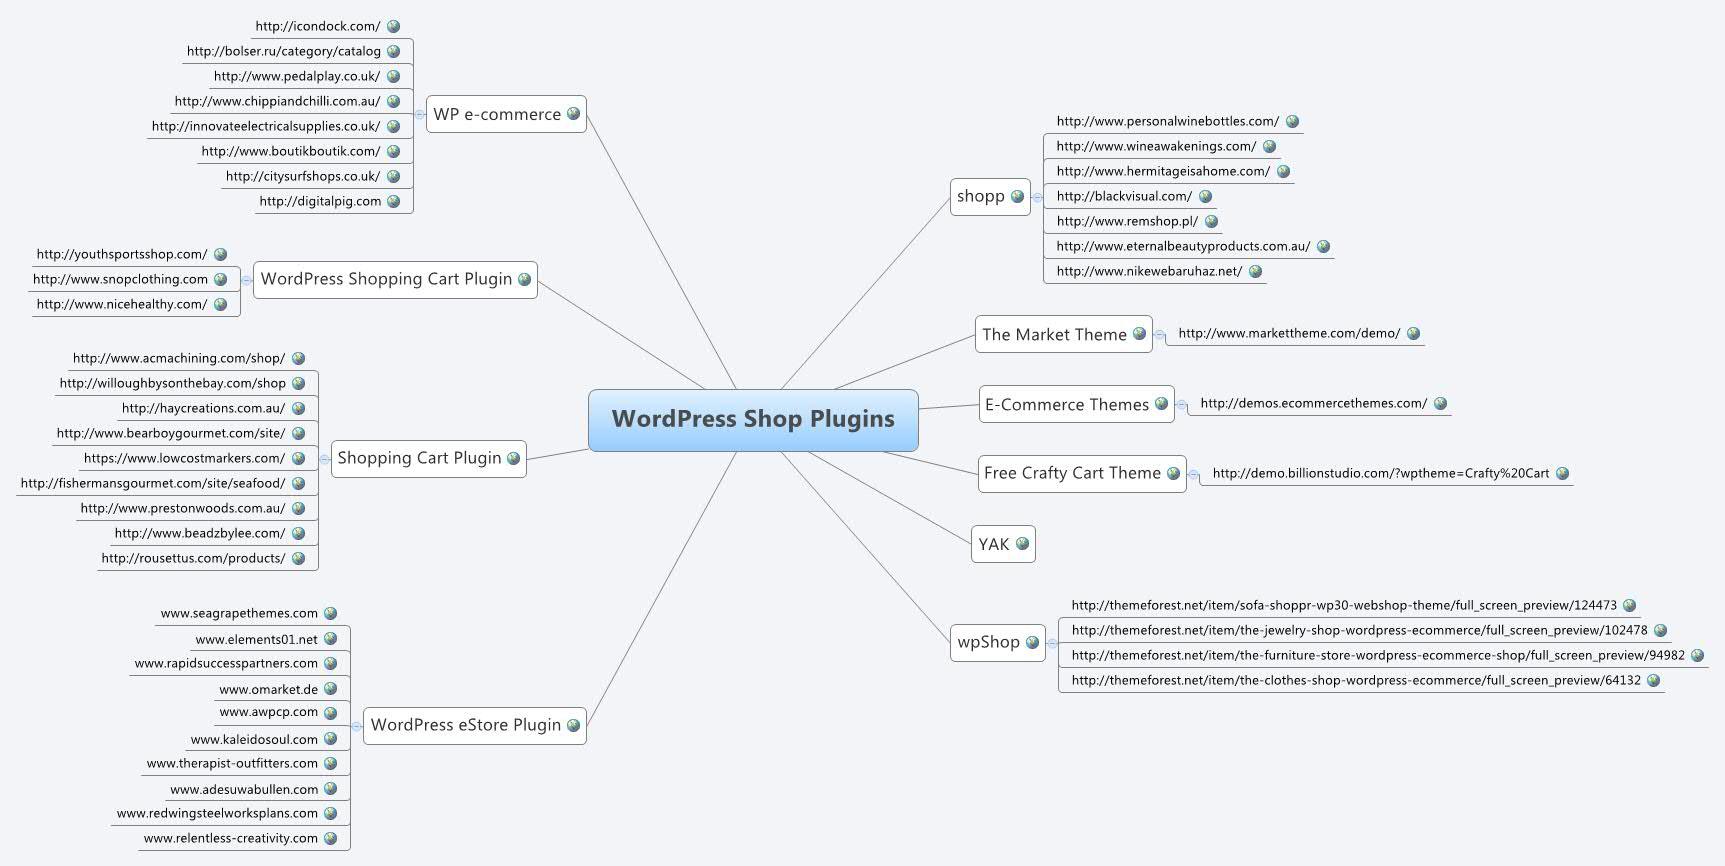 WordPress Shop Plugins